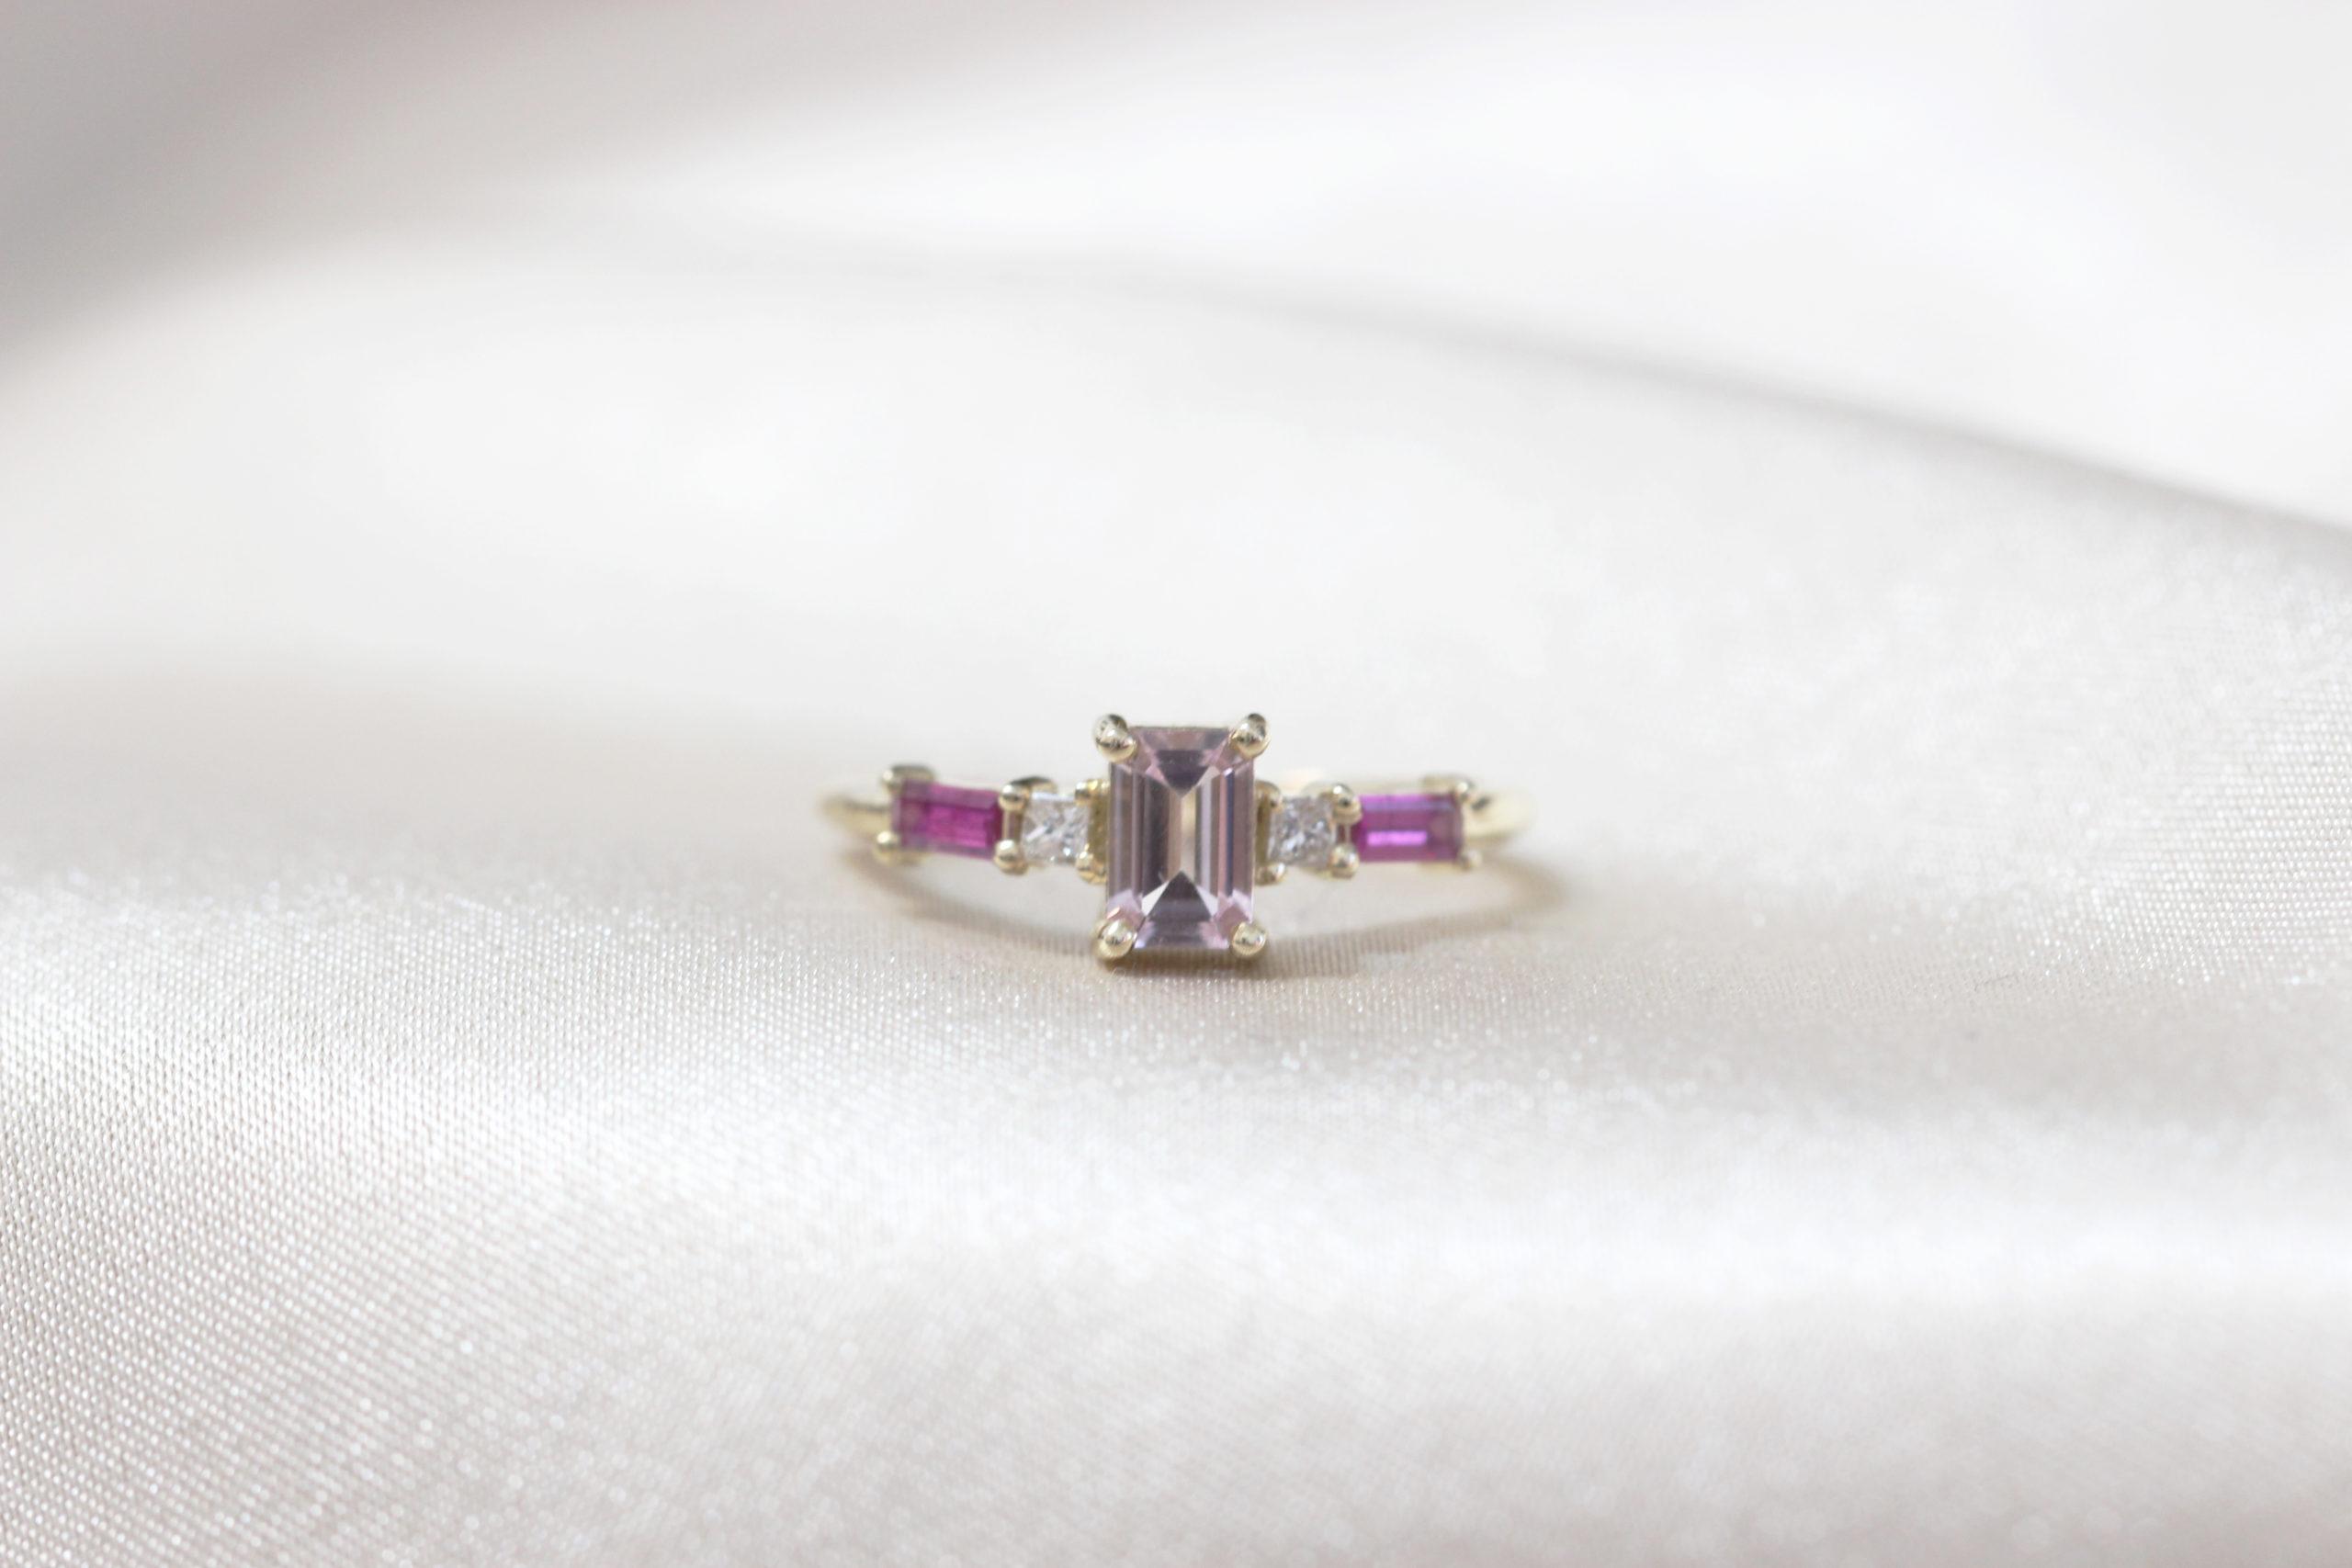 טבעת אירוסין משובצת מורגנייט בחיתוך אמרלד קאט, יהלומים בחיתוך פרינסס ורובי בחיתוך בגט